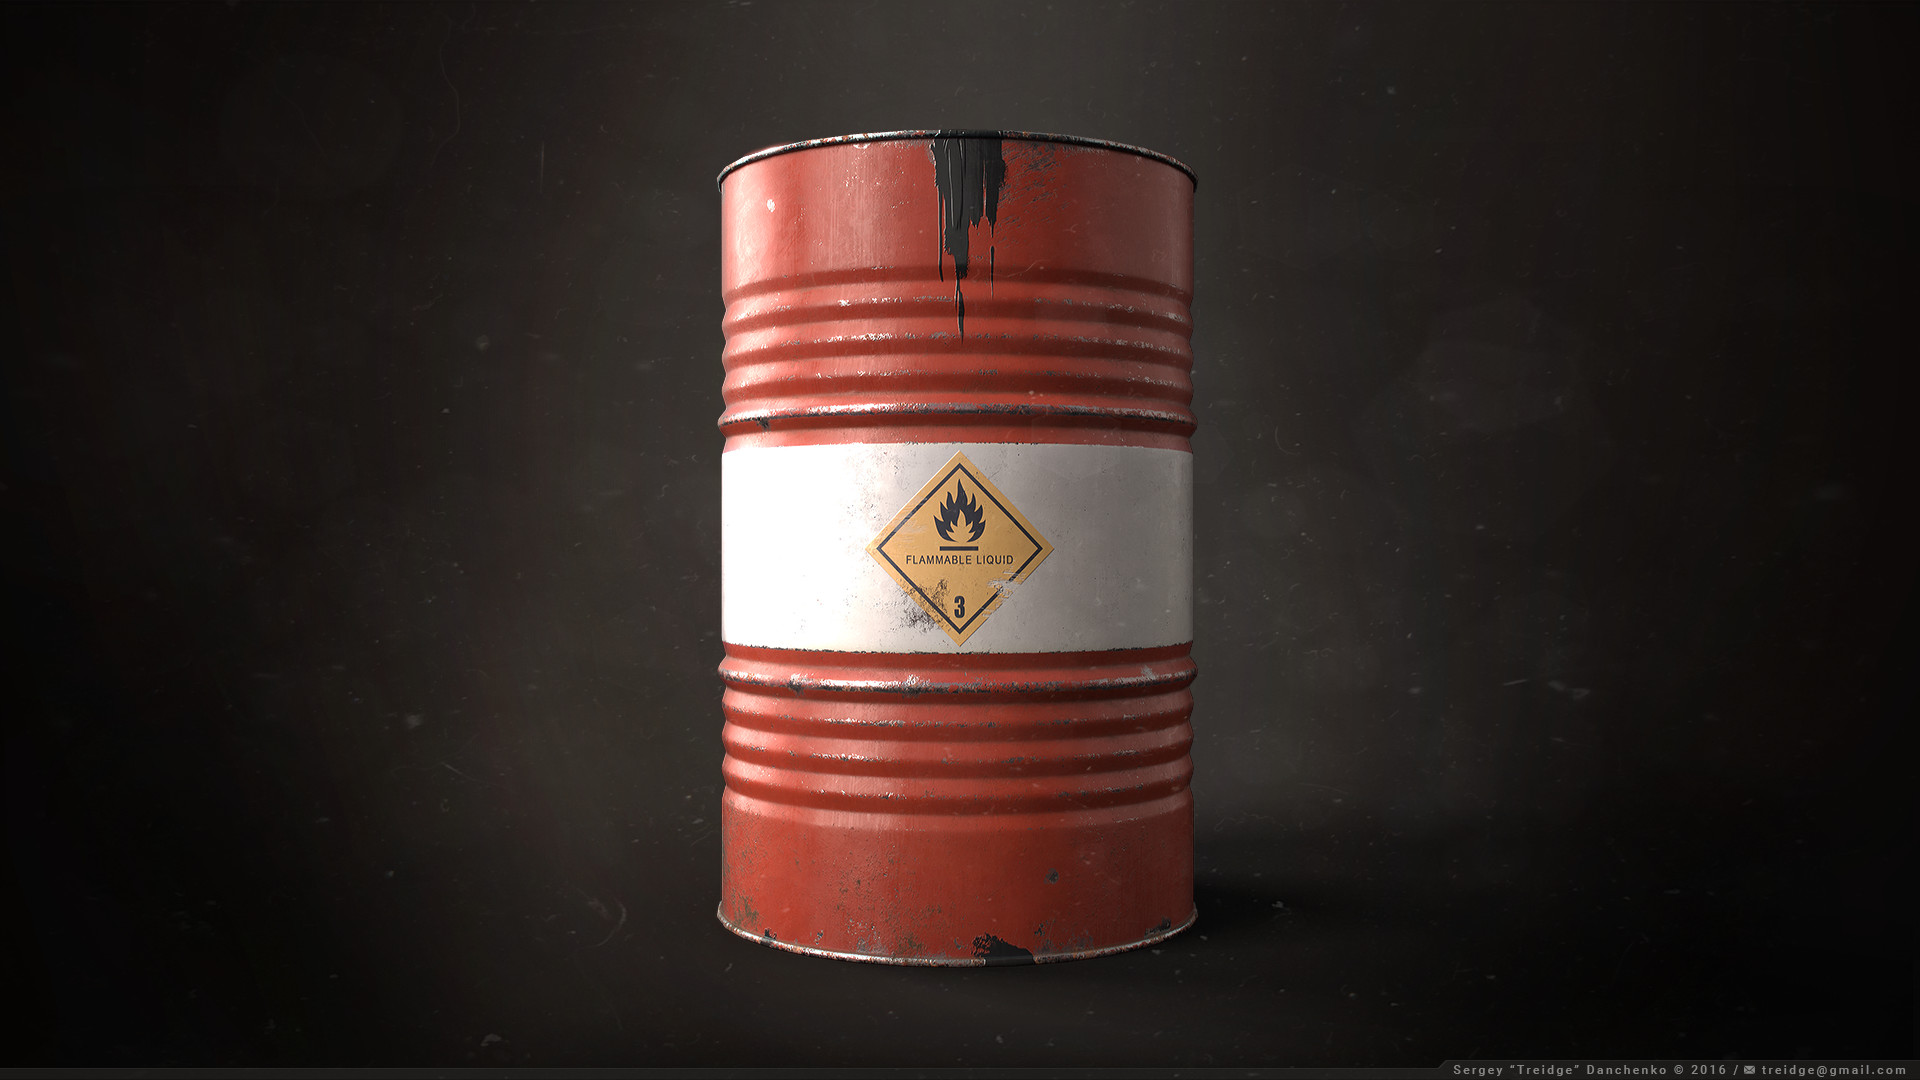 ArtStation - Oil Drum / Barrel Prop, Sergey Danchenko